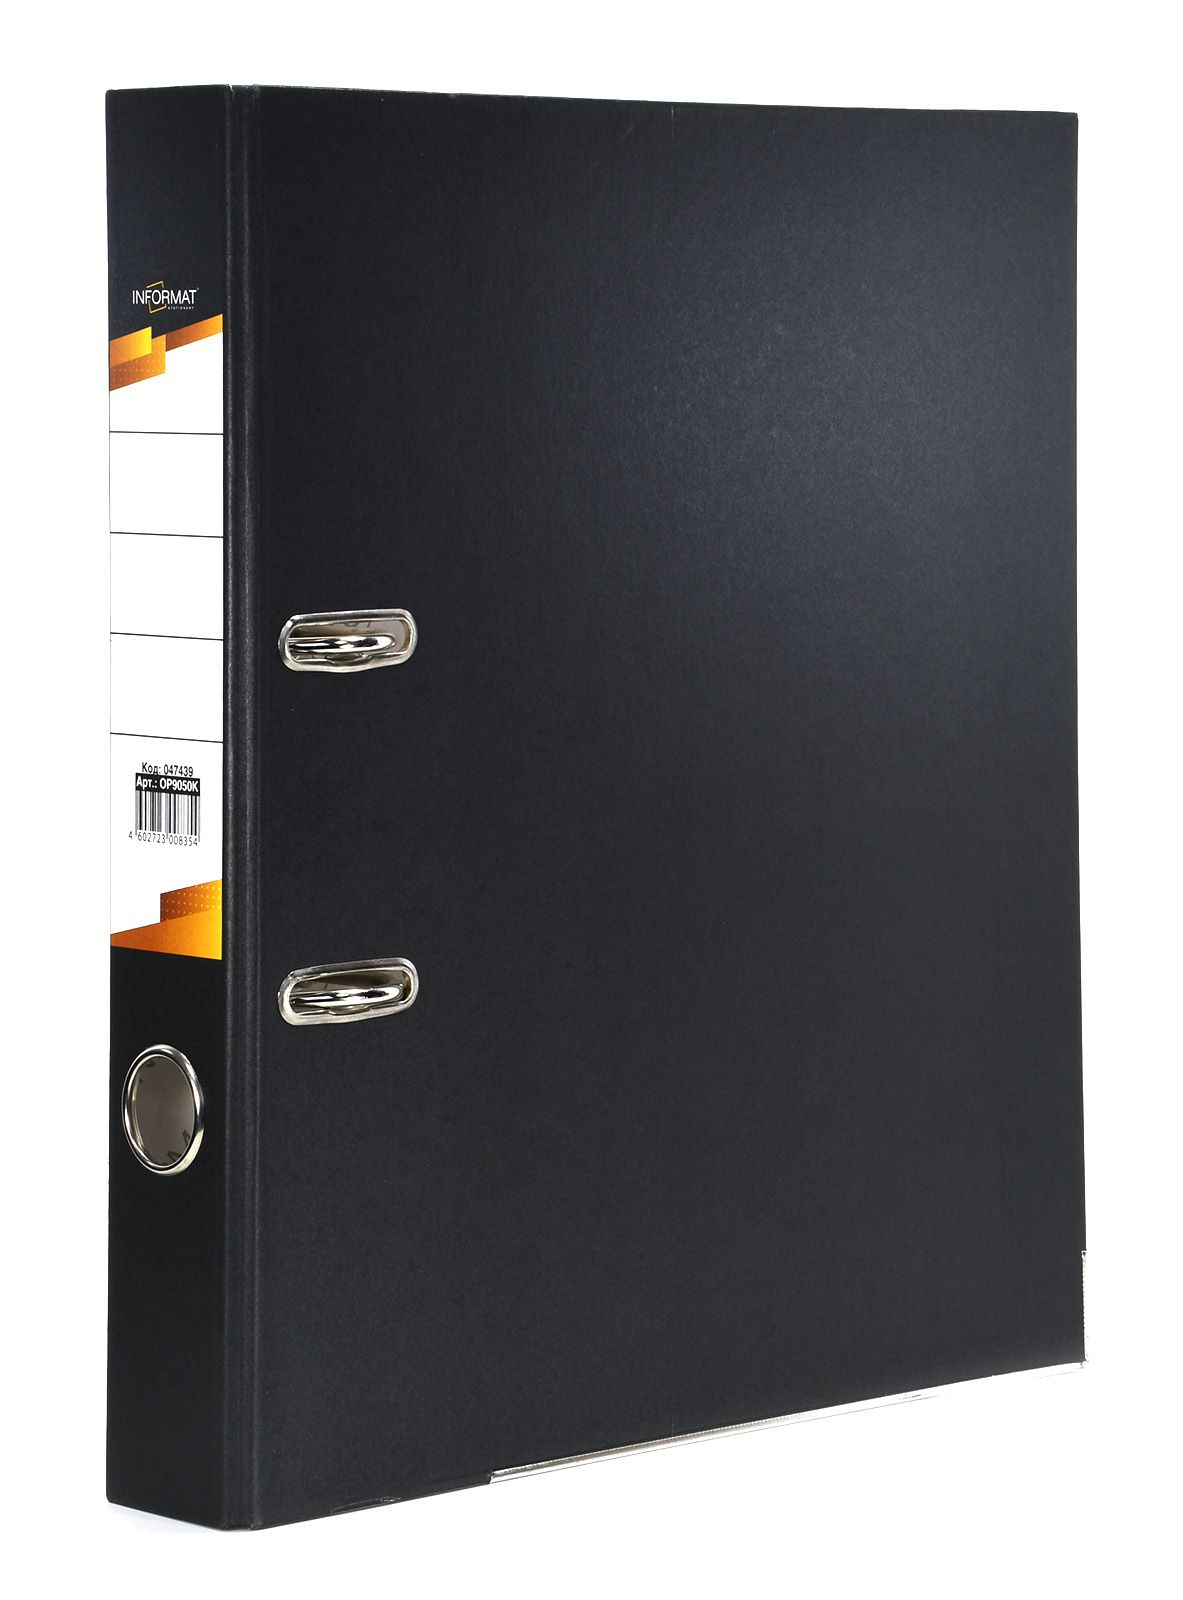 Папка-регистратор INFORMAT 55 мм бумага, черная